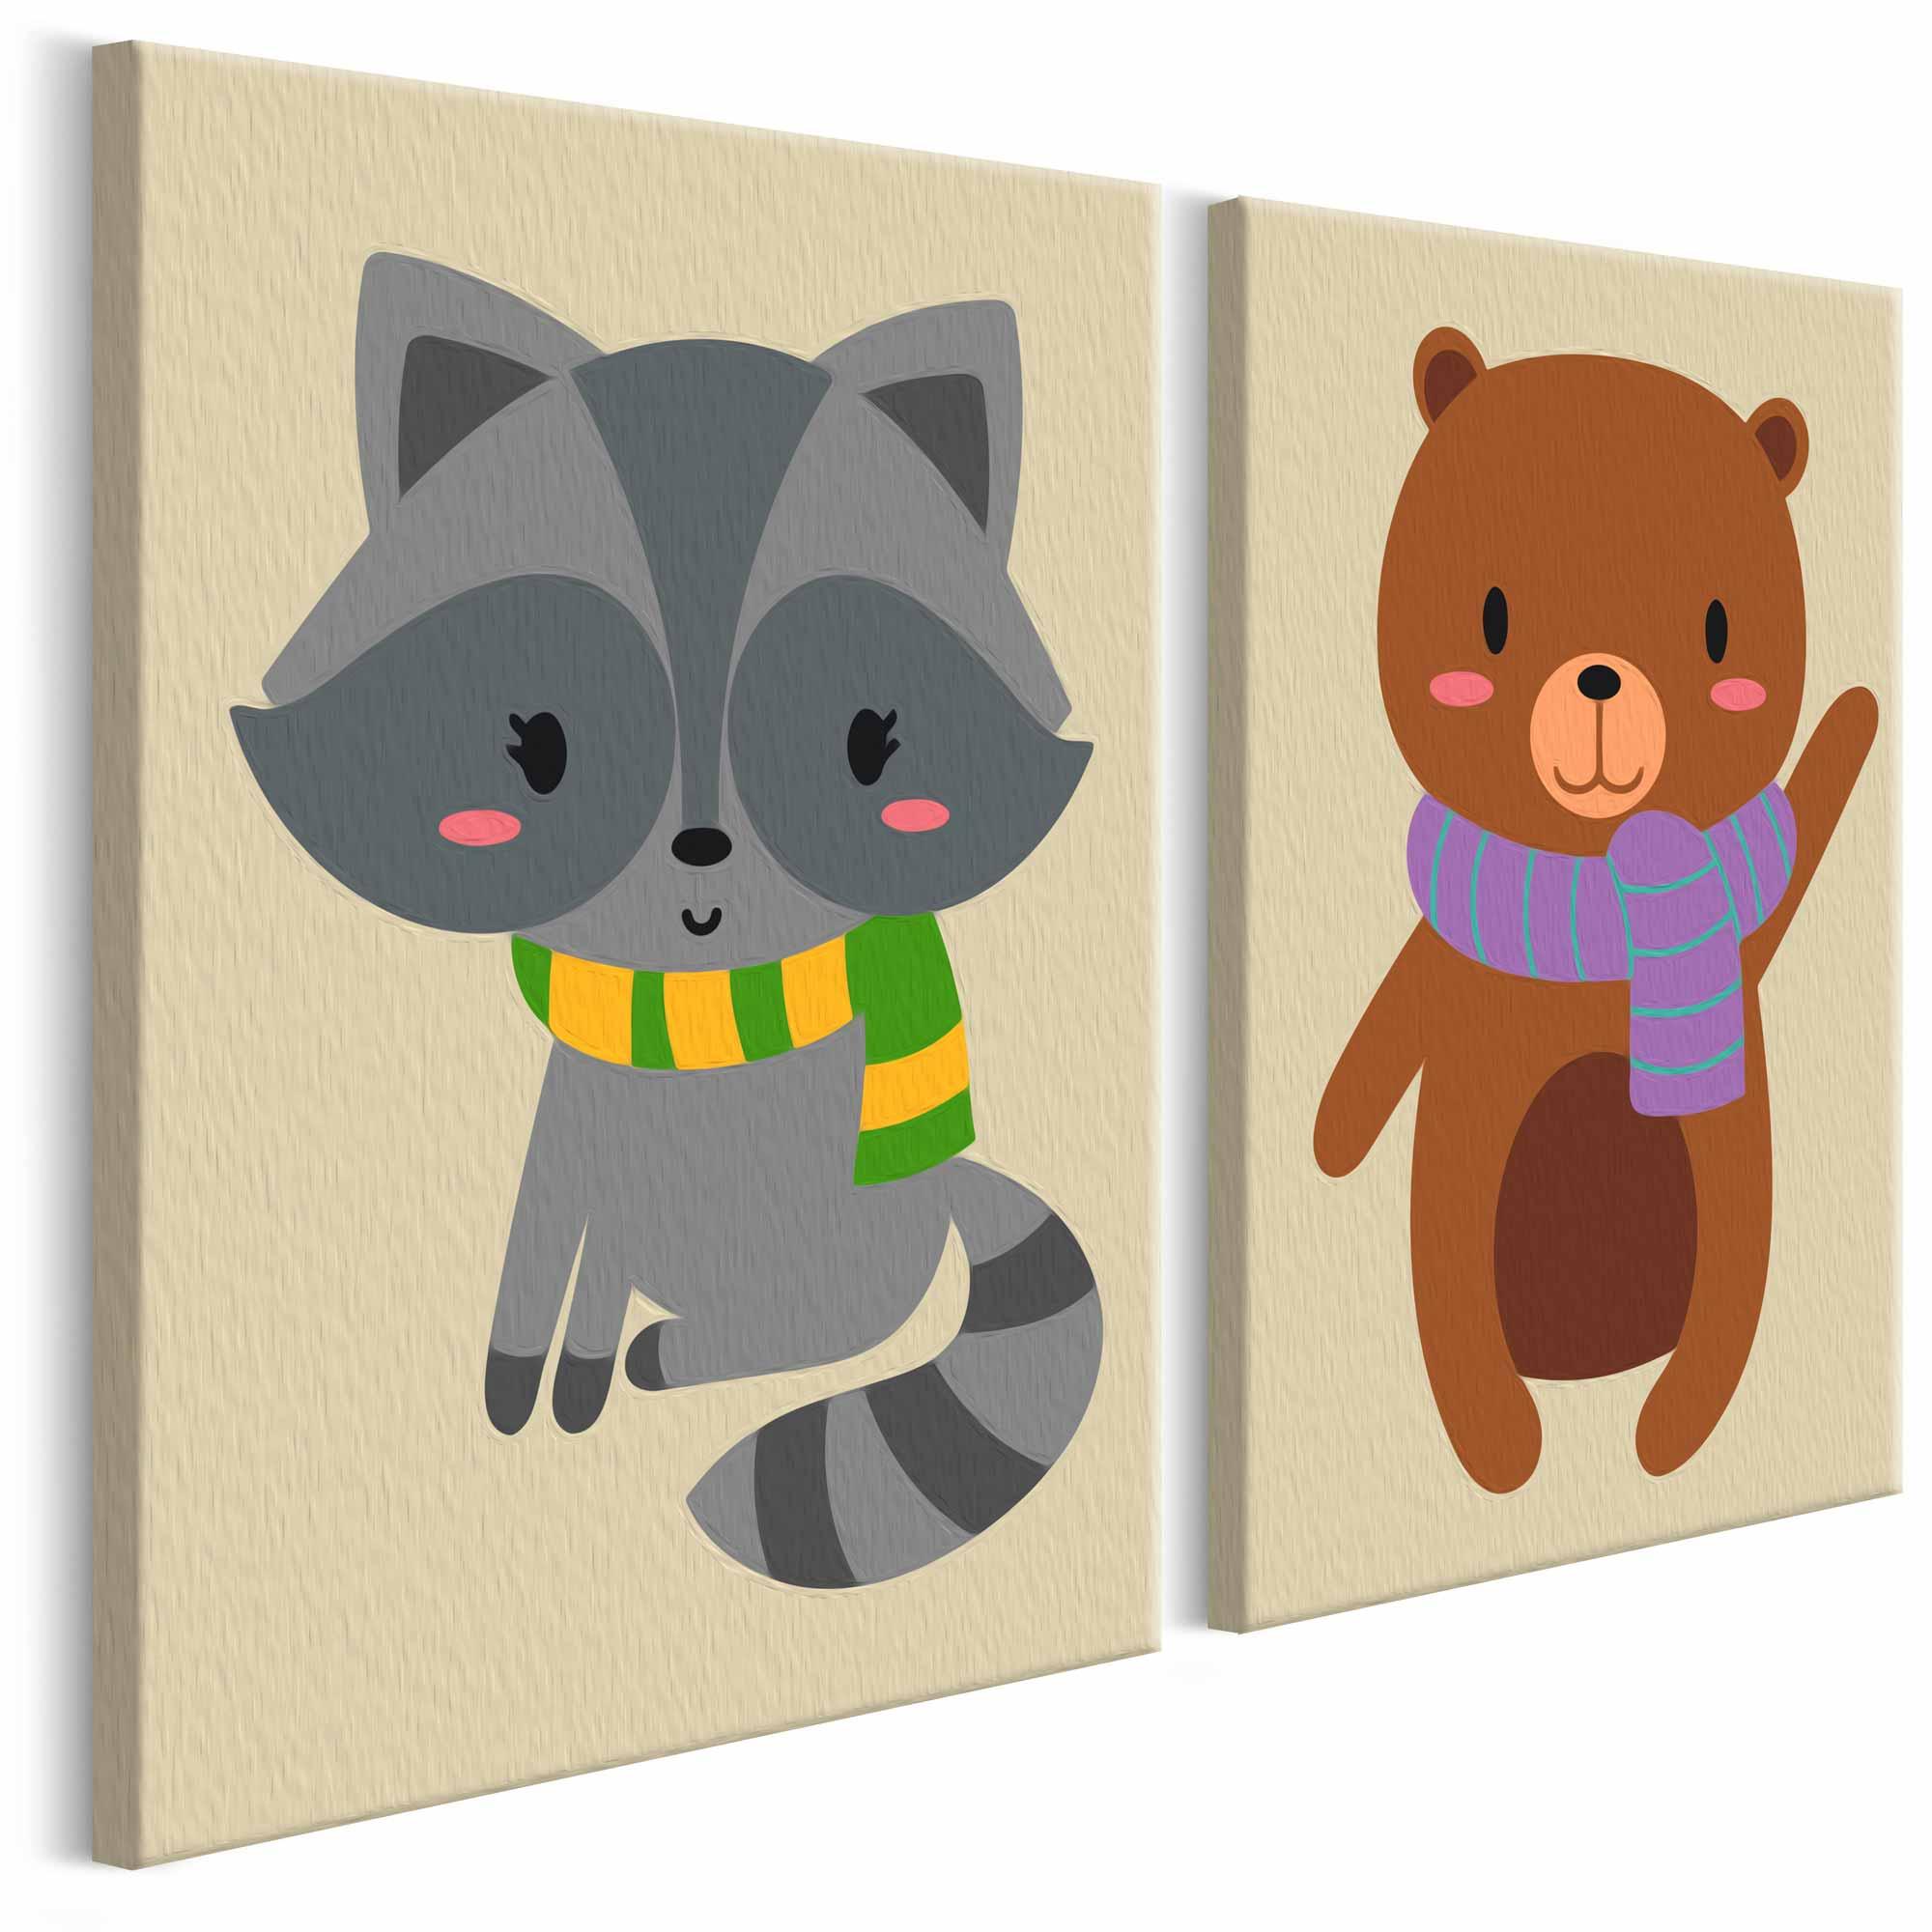 artgeist Artgeist diy raccoon & bear maleri - hvidt lærred, inkl. maling og pensel (h: 23cm) på boboonline.dk